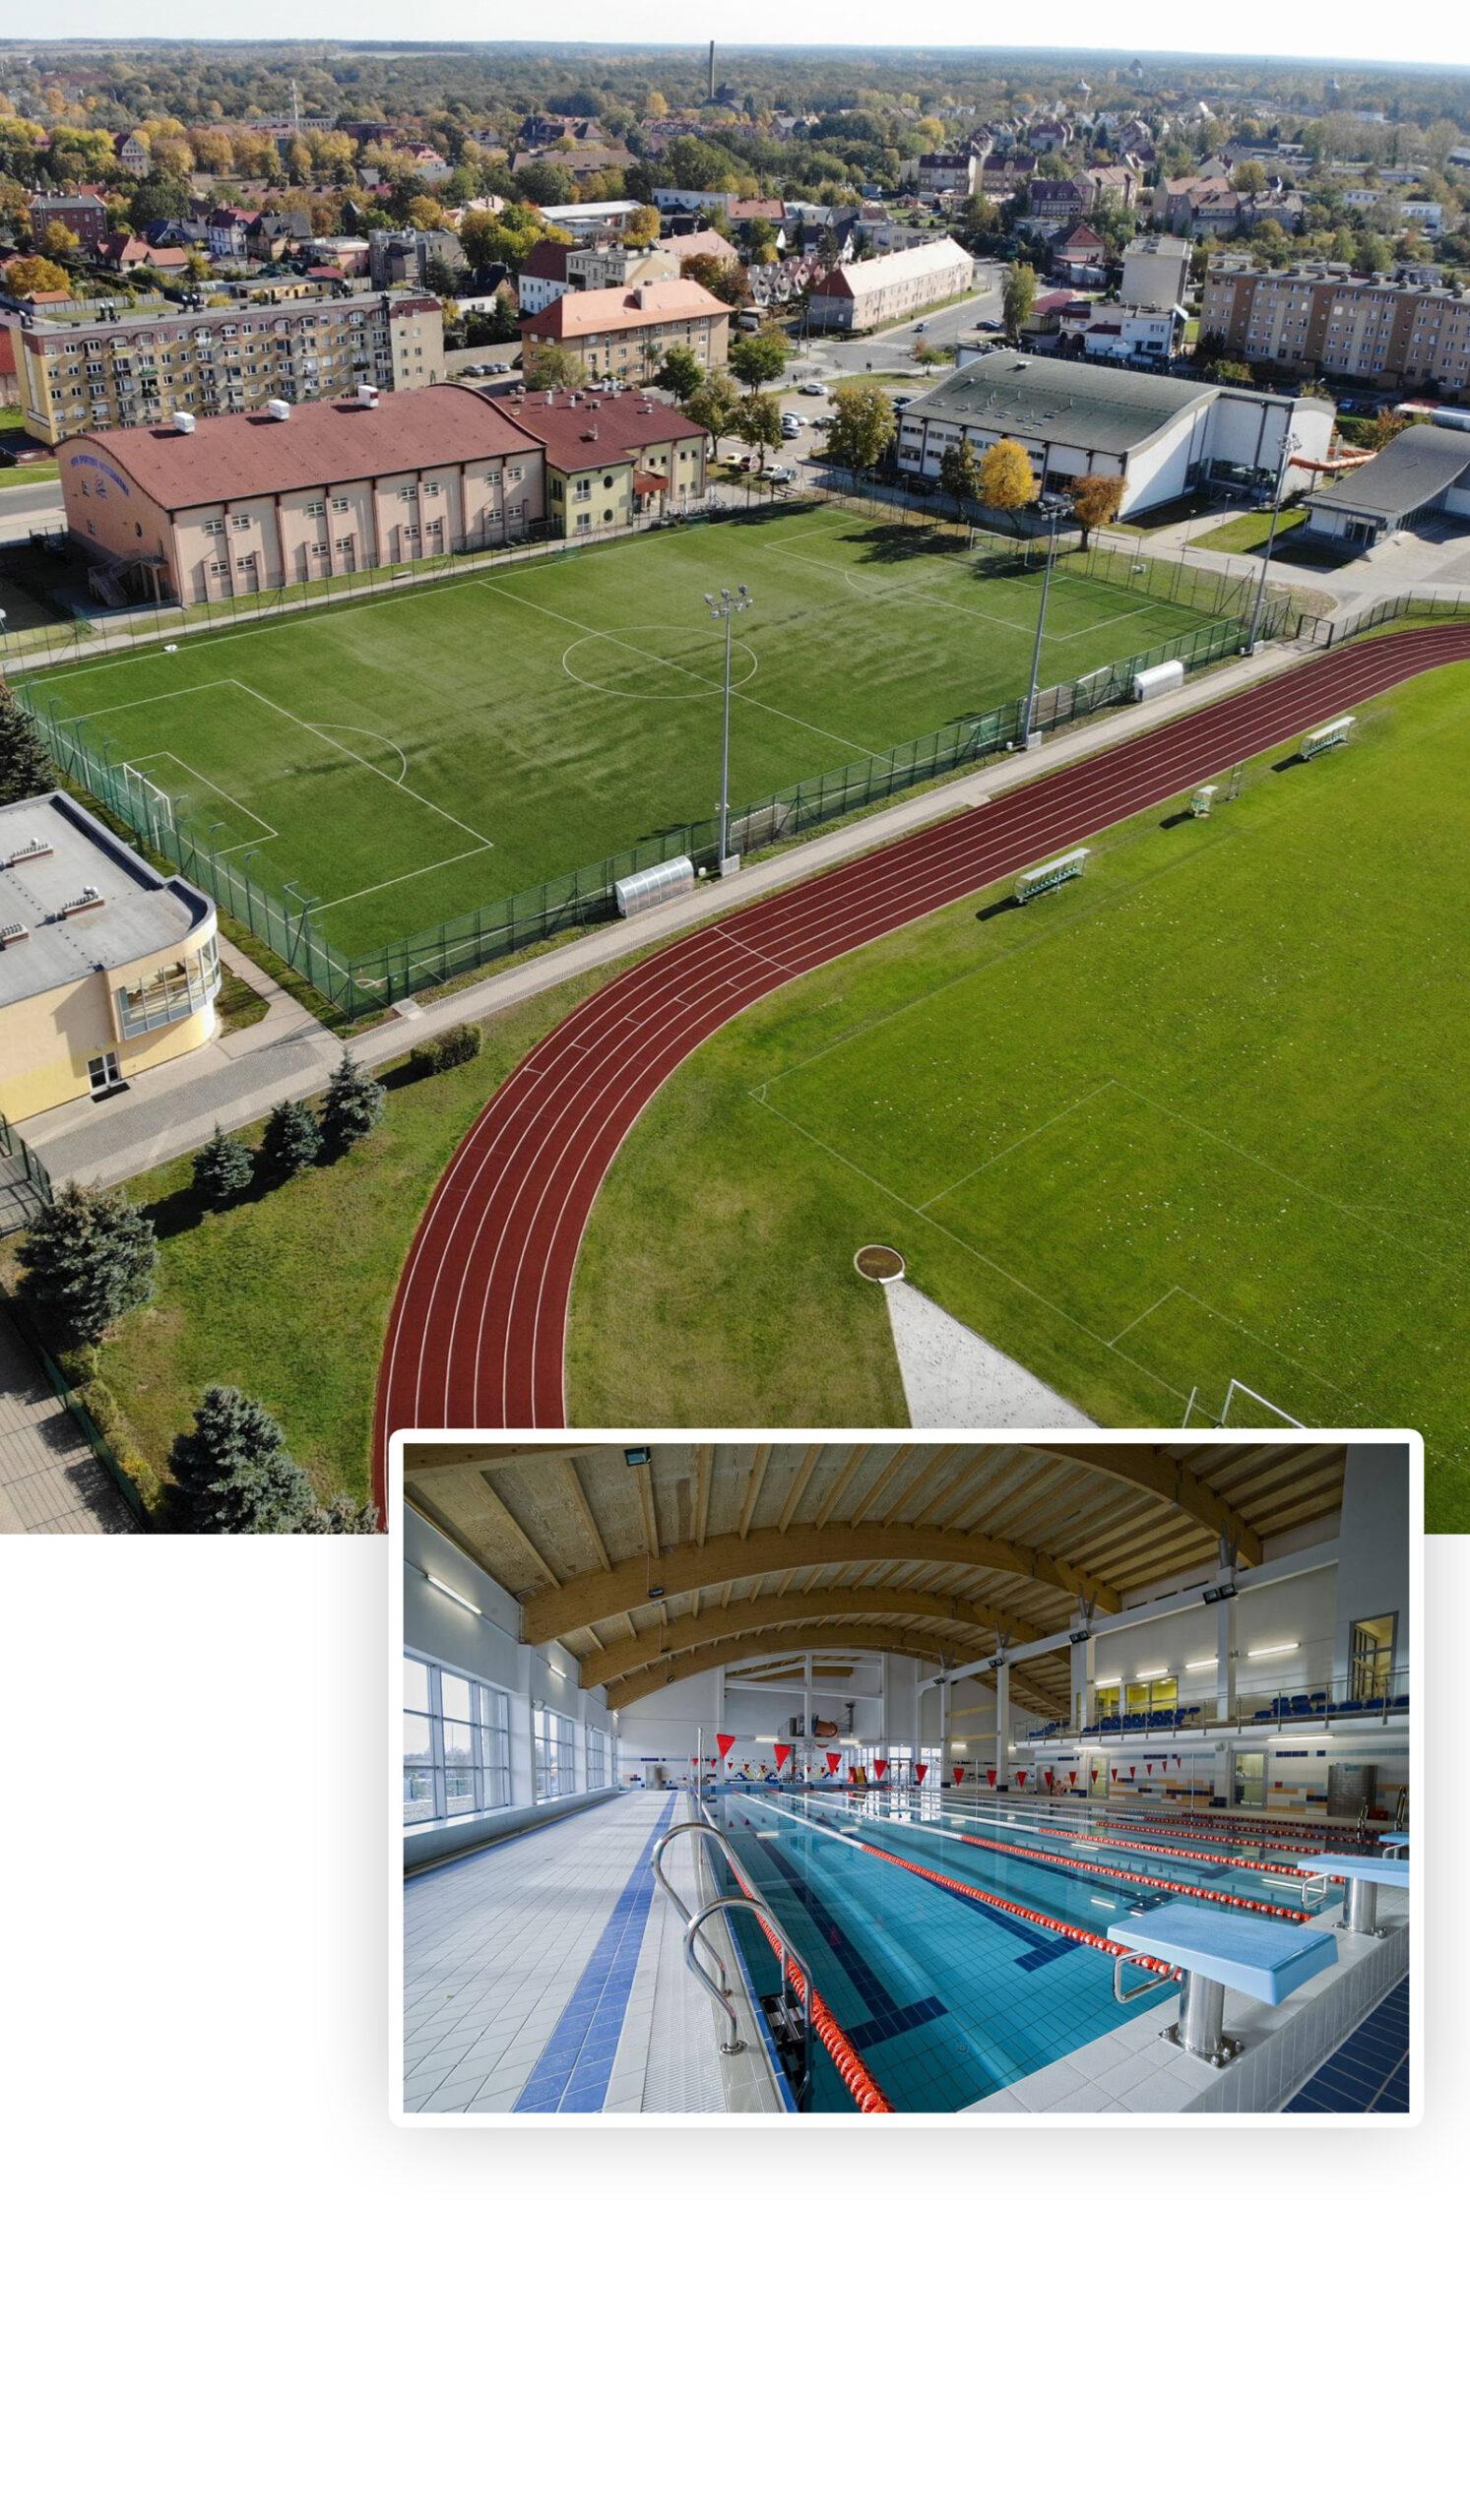 Zewnętrzne boiska piłkarskie oraz basen sportowy